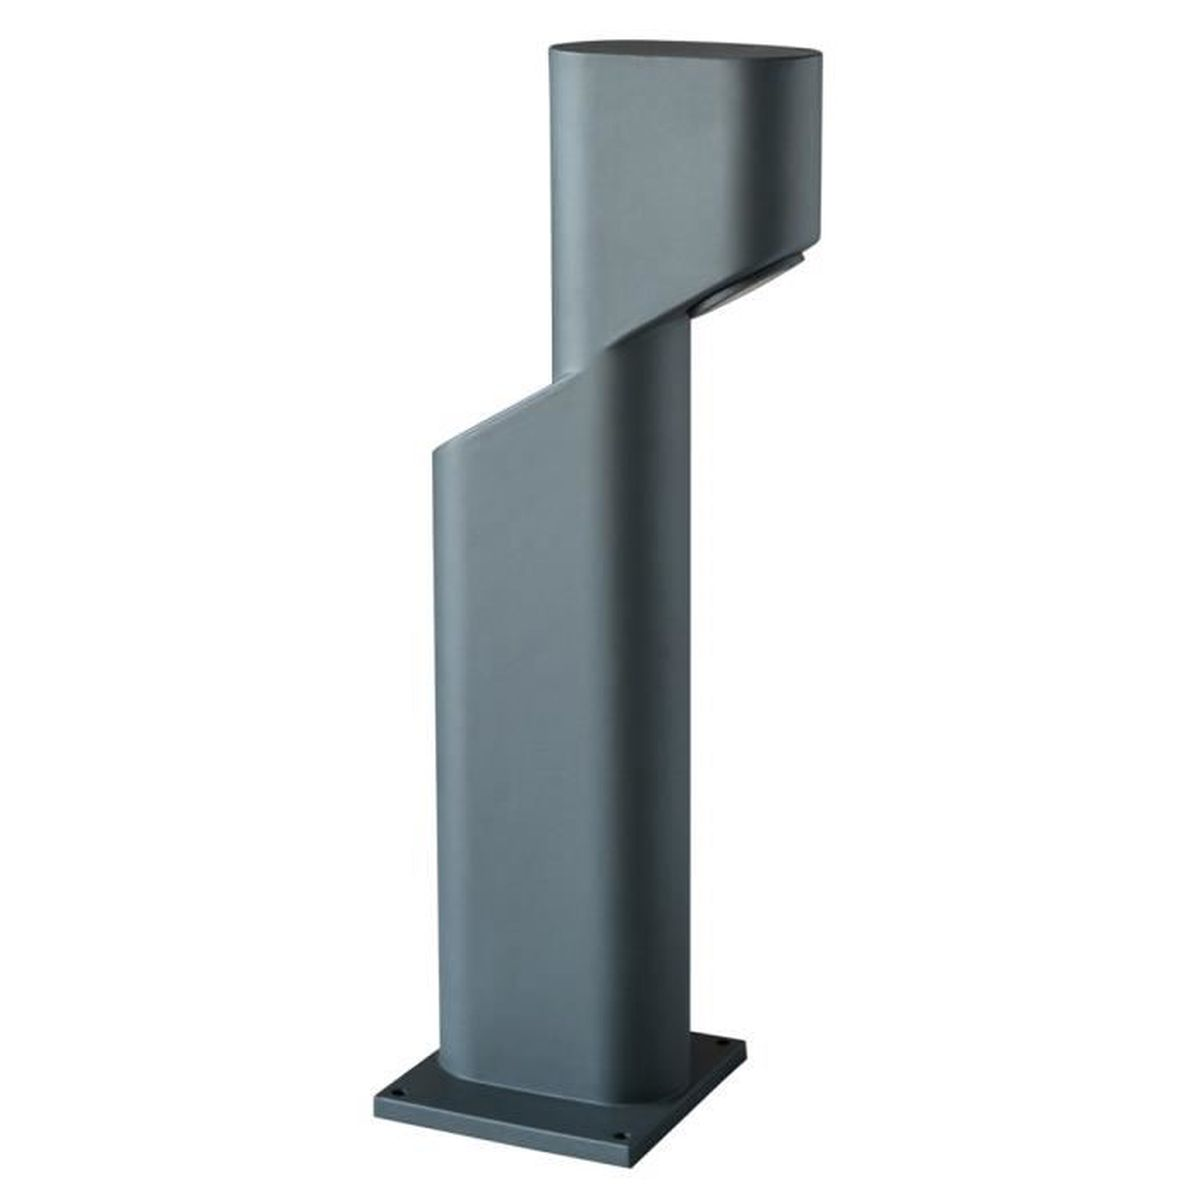 ceen borne d 39 eclairage ext rieur led cob mod le 1631 10w. Black Bedroom Furniture Sets. Home Design Ideas